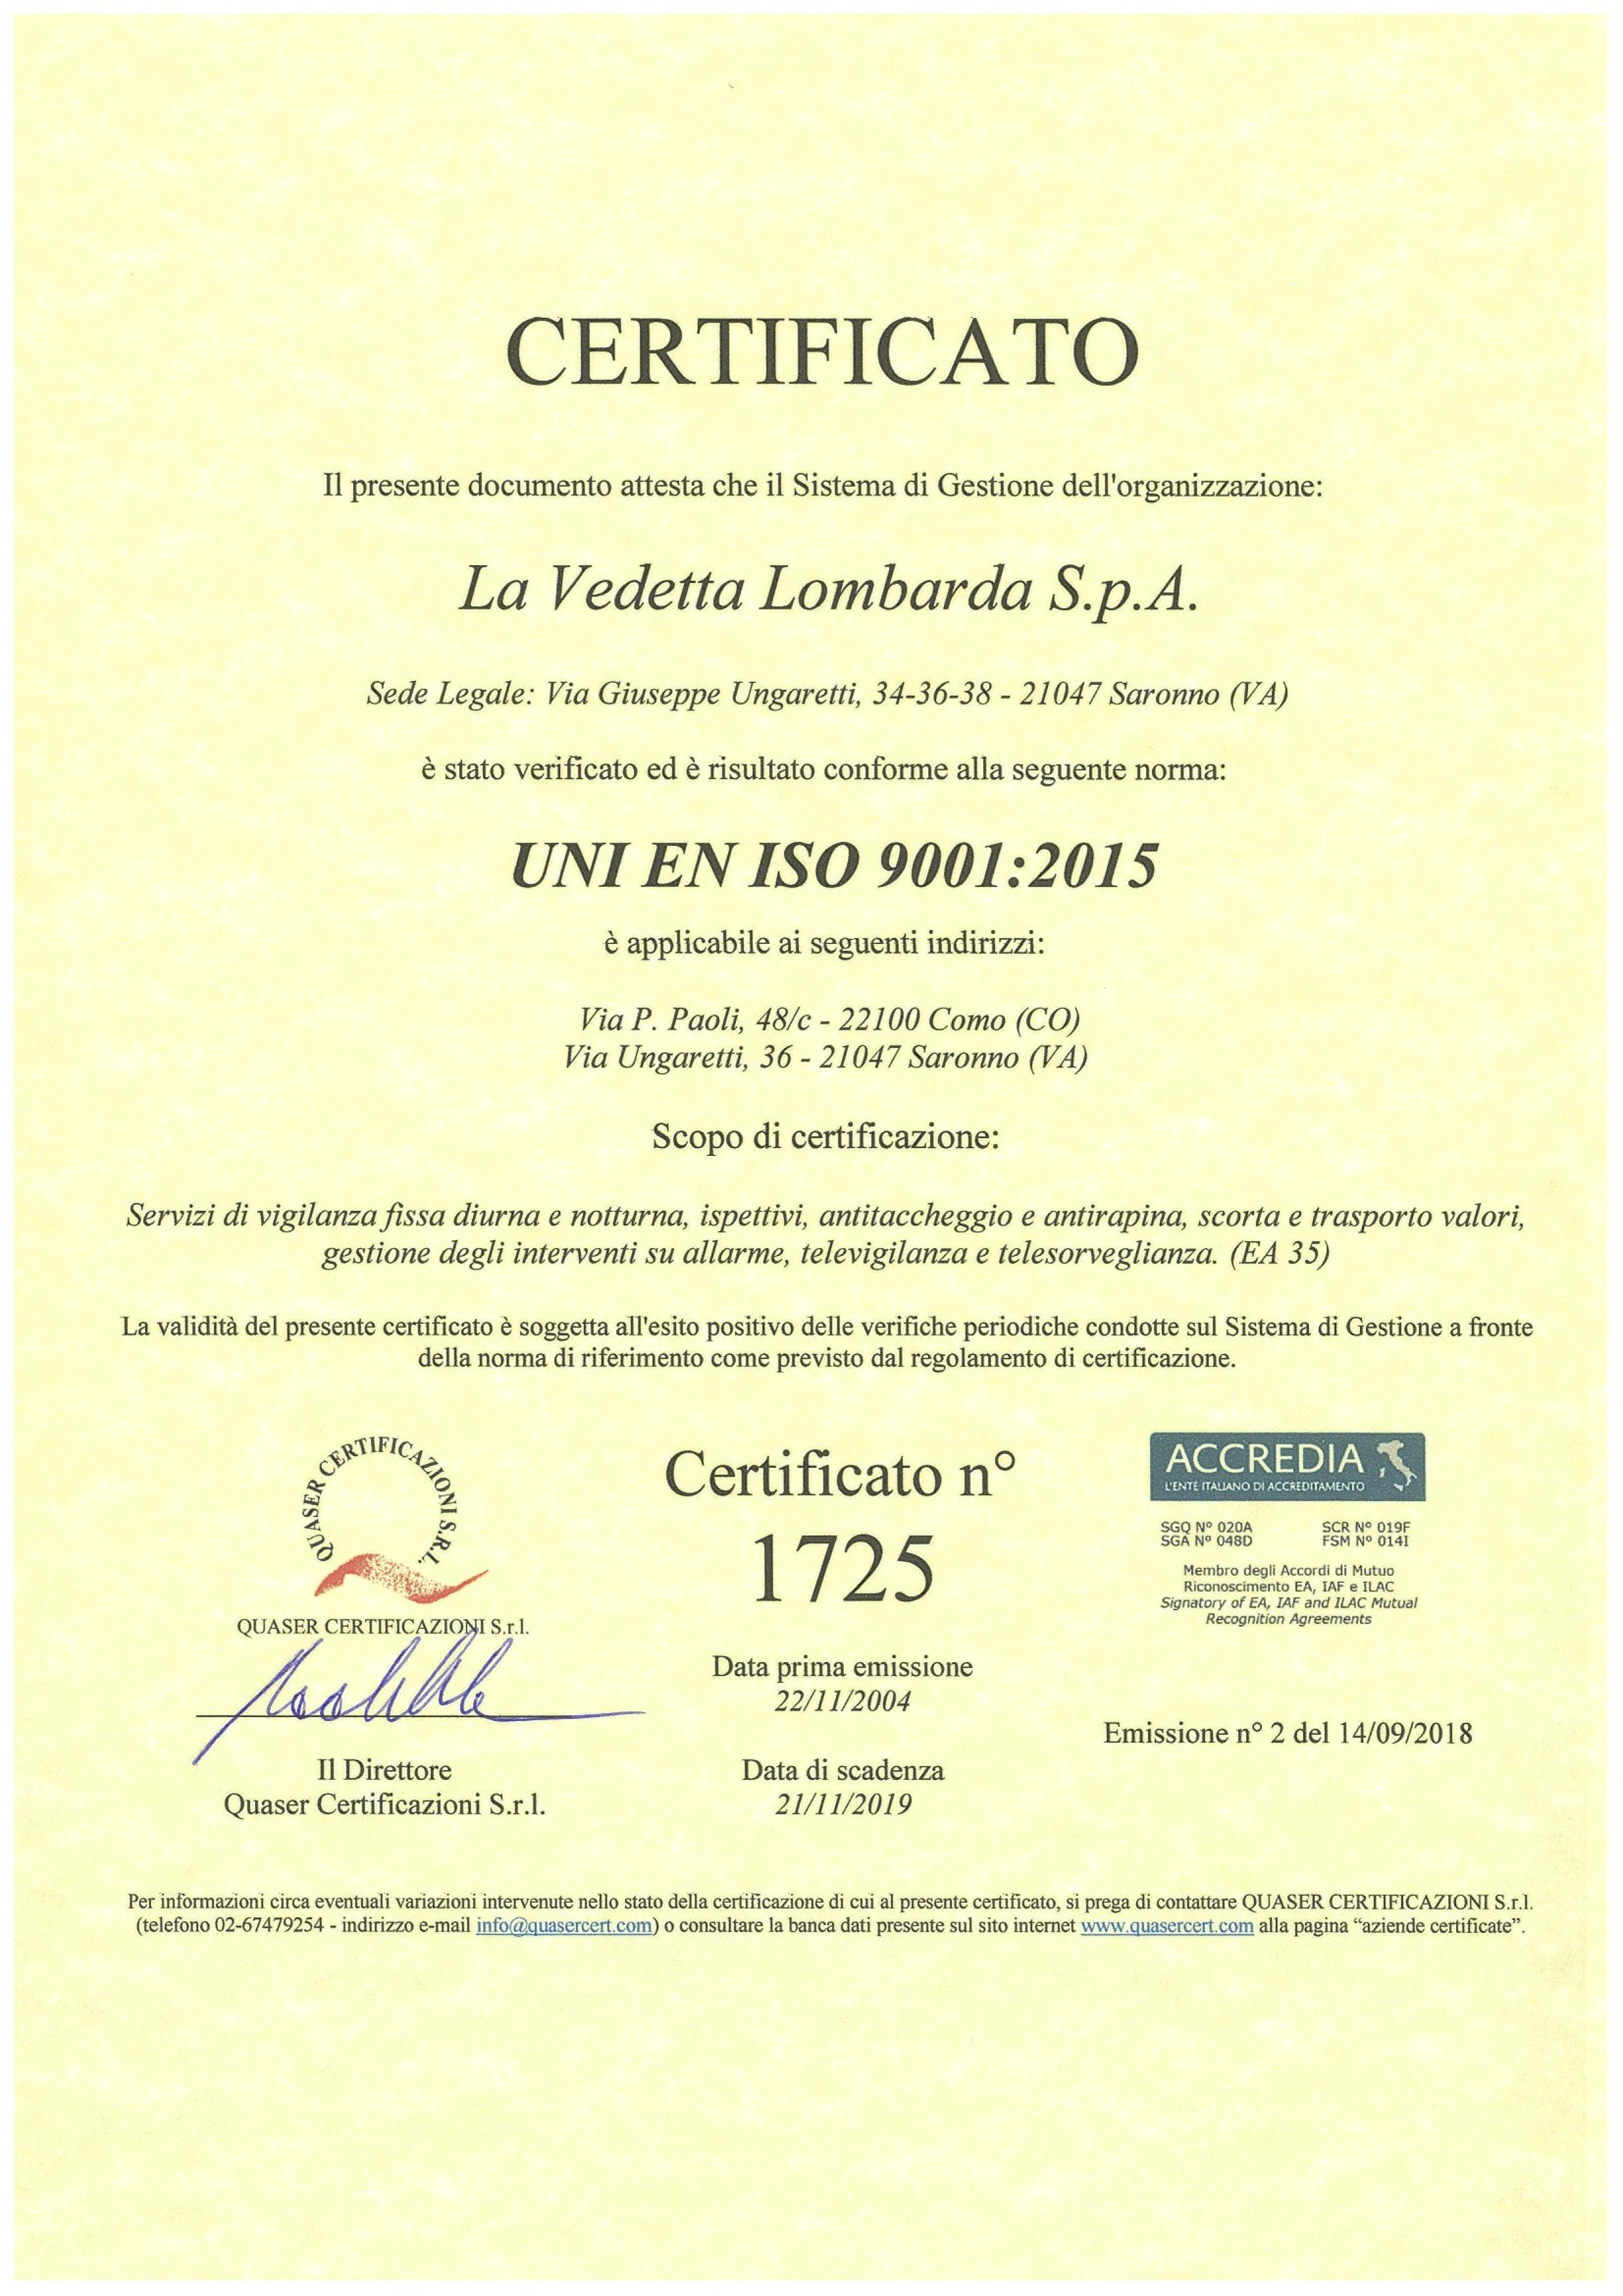 originale certificato 1725 em 2_UNI 9001